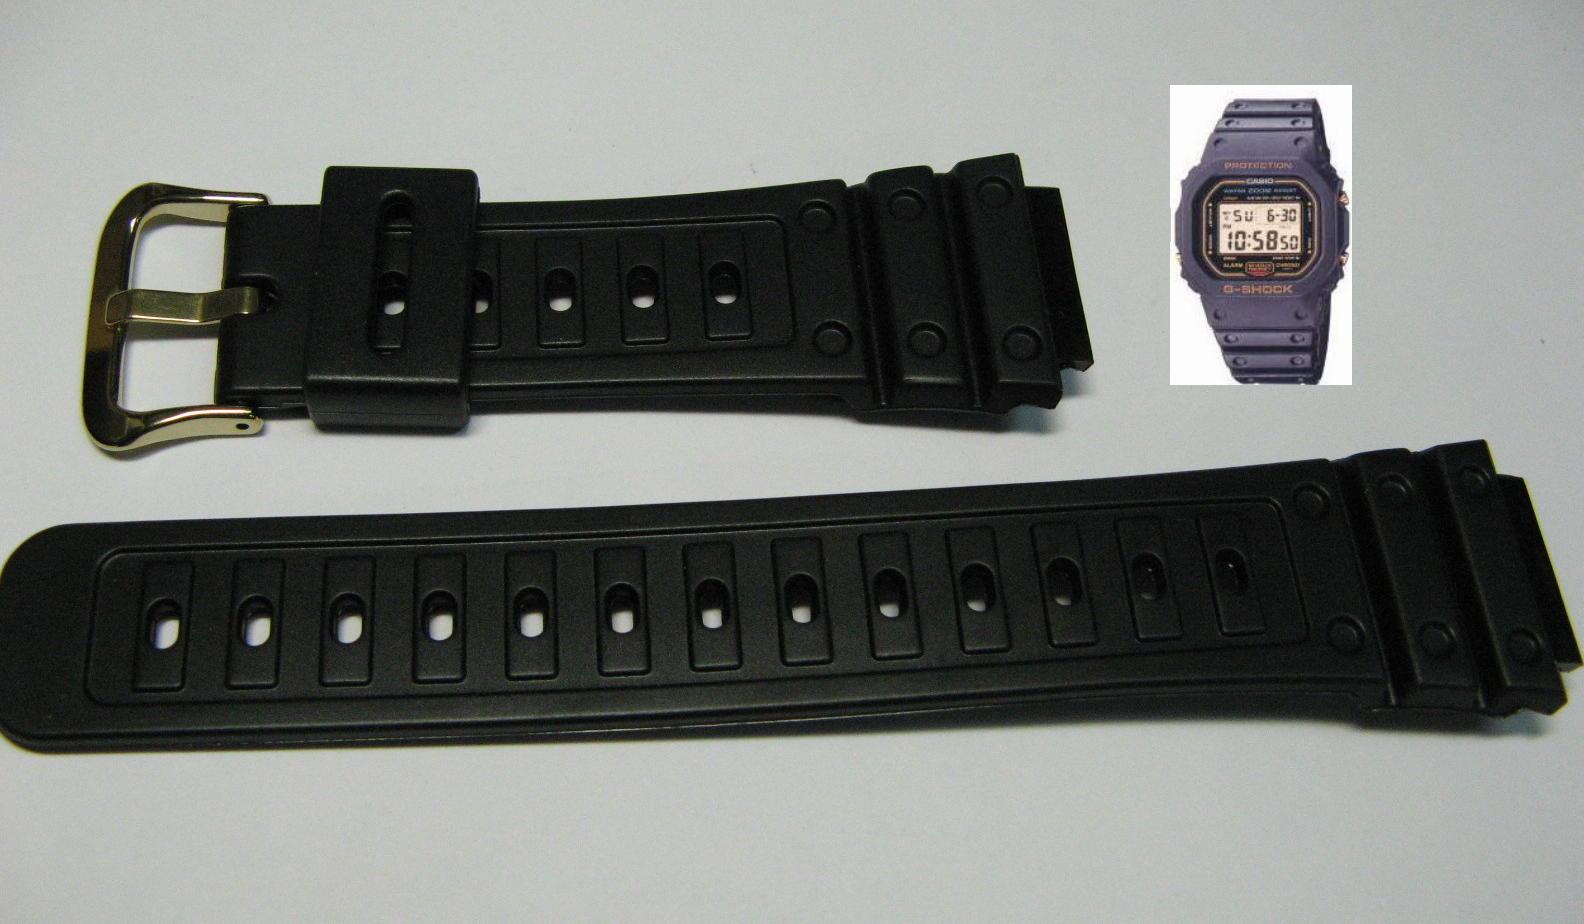 腕時計用アクセサリー, 腕時計用ベルト・バンド DW-5600C-9CV70360128